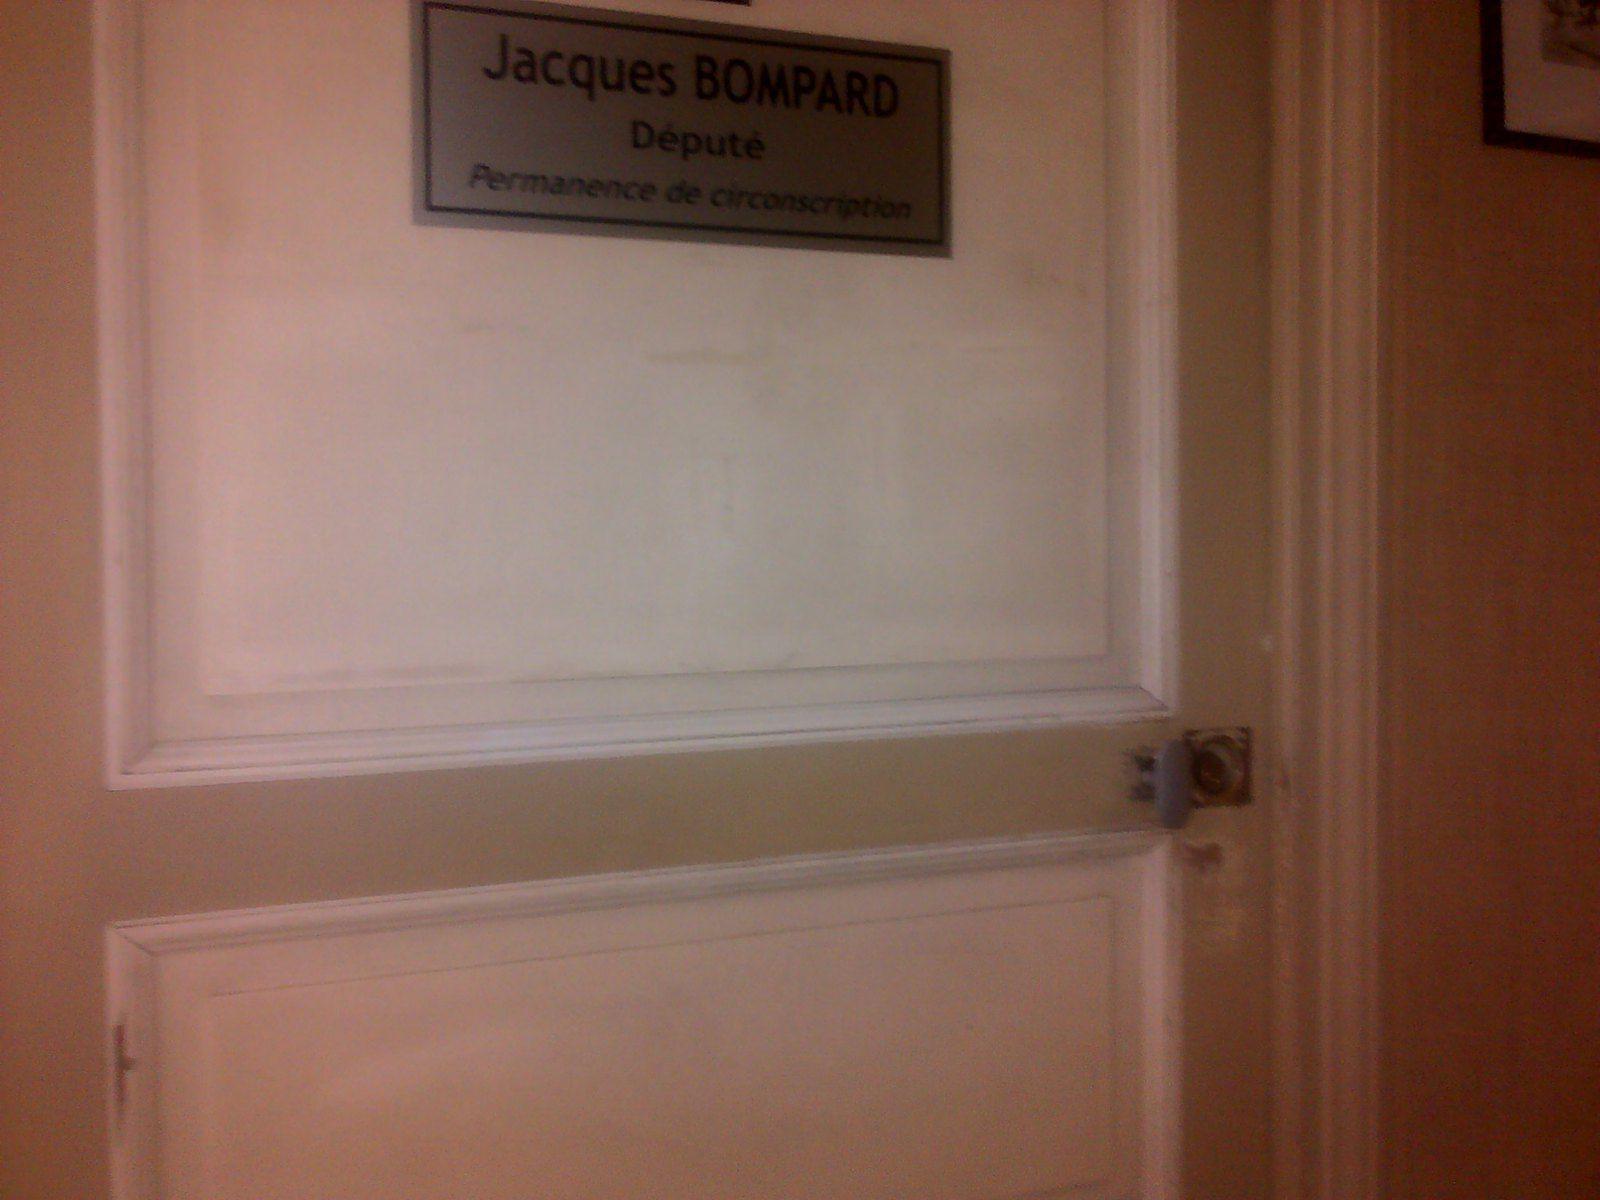 A quel titre est hébergé en mairie YANN BOMPARD?